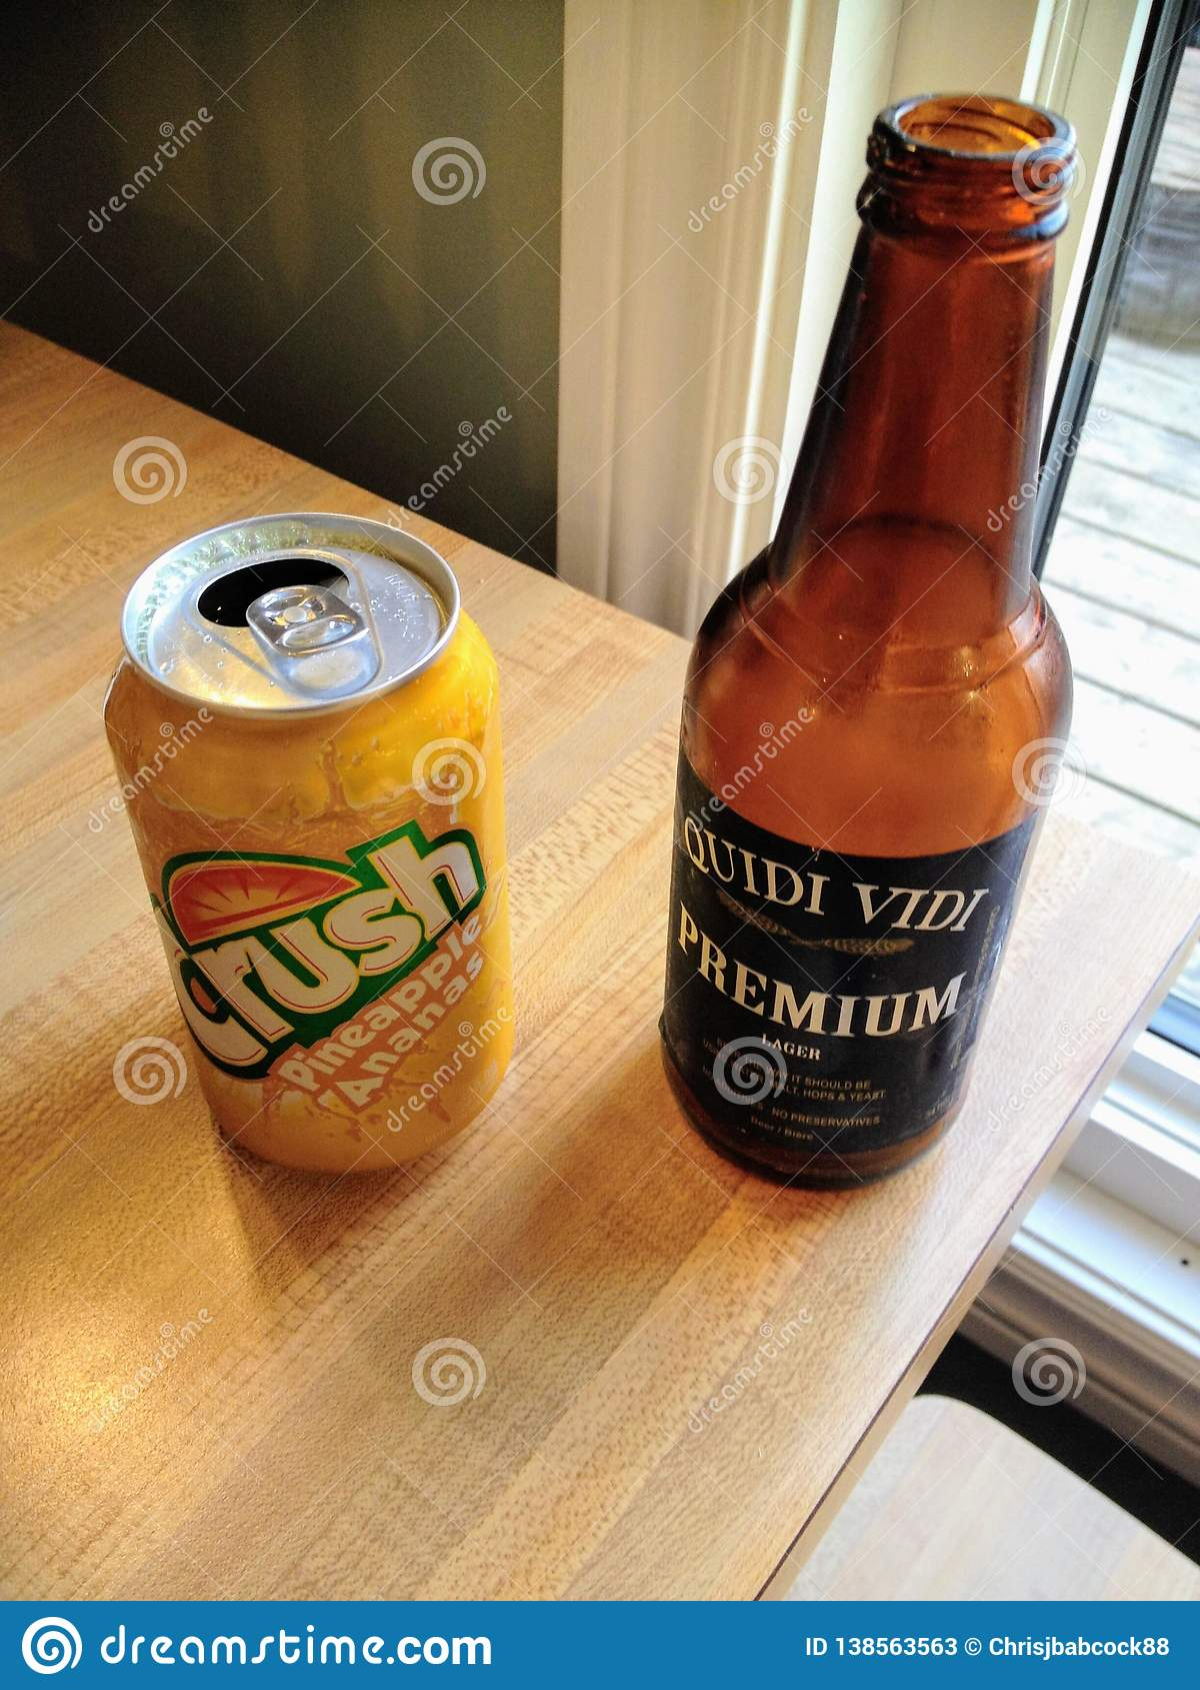 Een lijst met twee uniek dranken van Newfoundland, een bier van Quidi Vidi en een ananas bracht pop Verbrijzeling op smaak